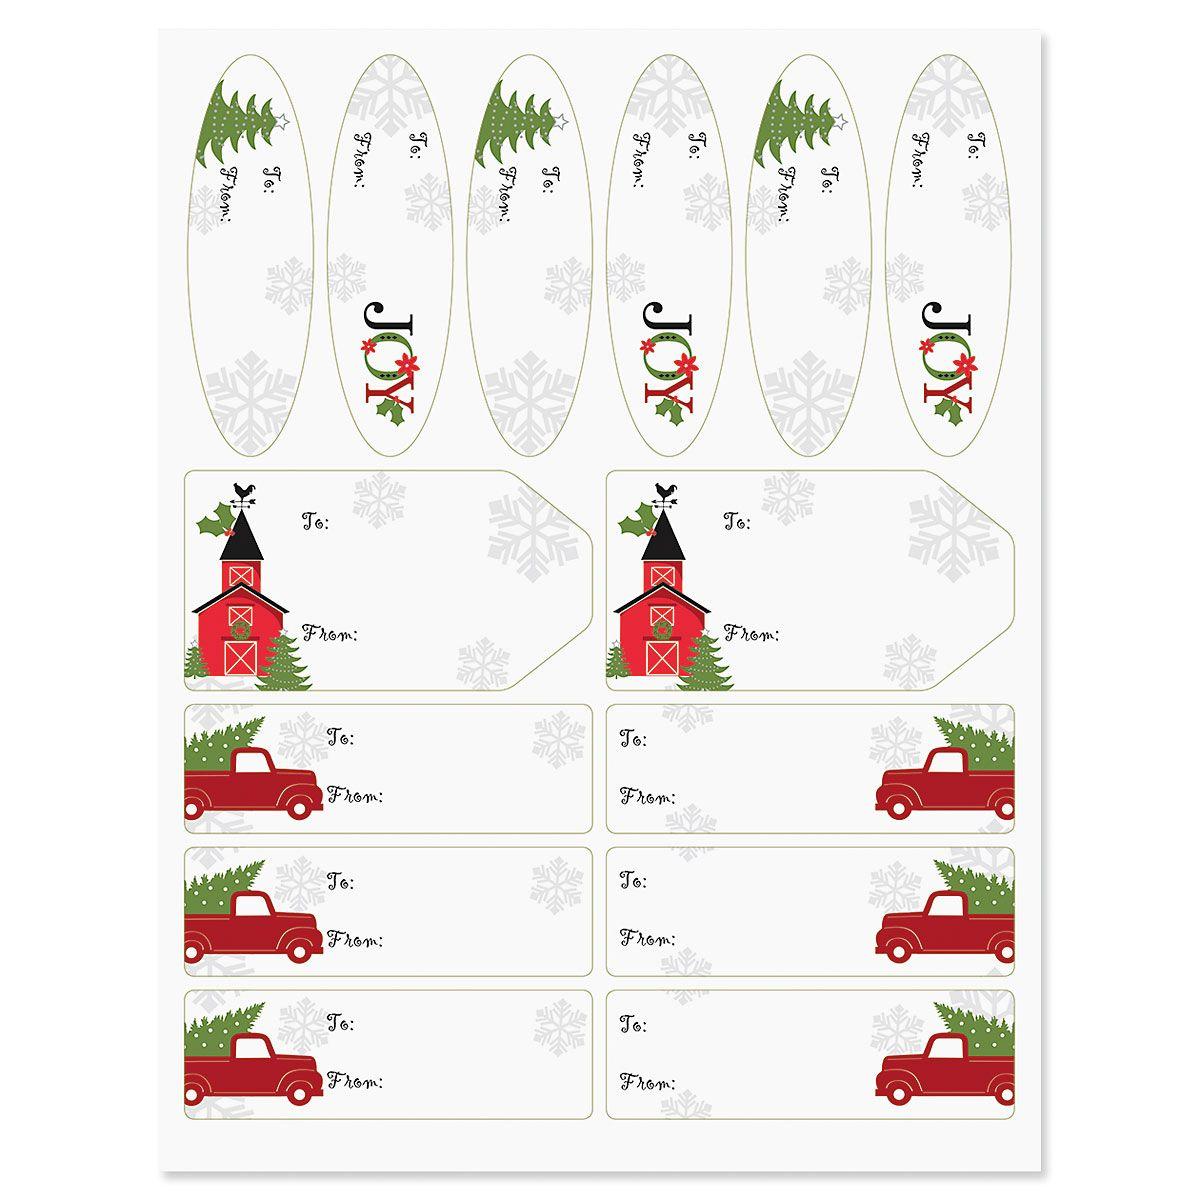 Joyful Haul Jumbo Rolled Gift Wrap and Labels